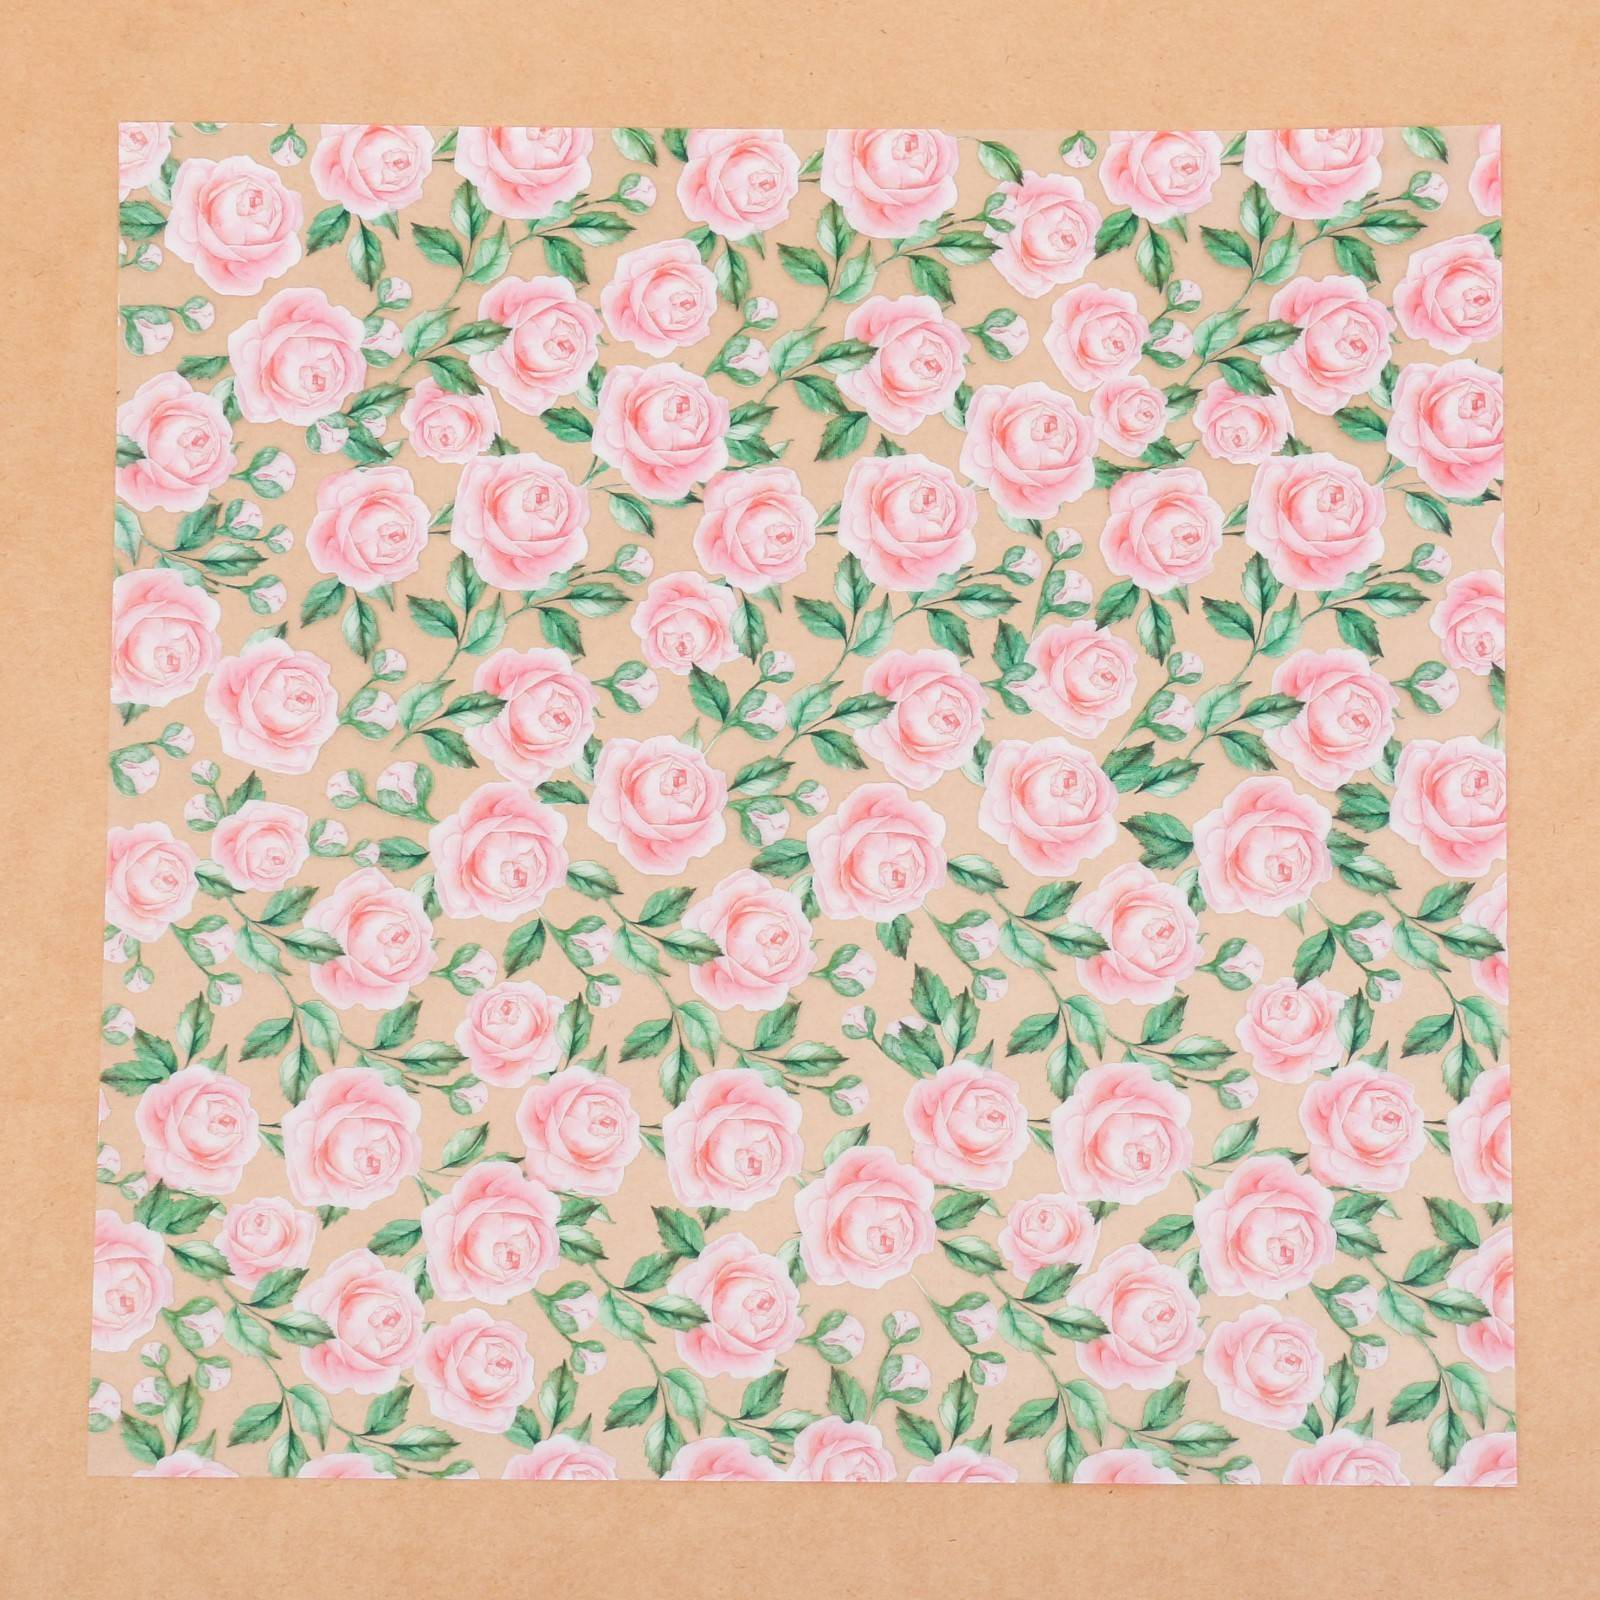 Ацетатный лист, Букет невесты, 30,5×30,5 см, АртУзор